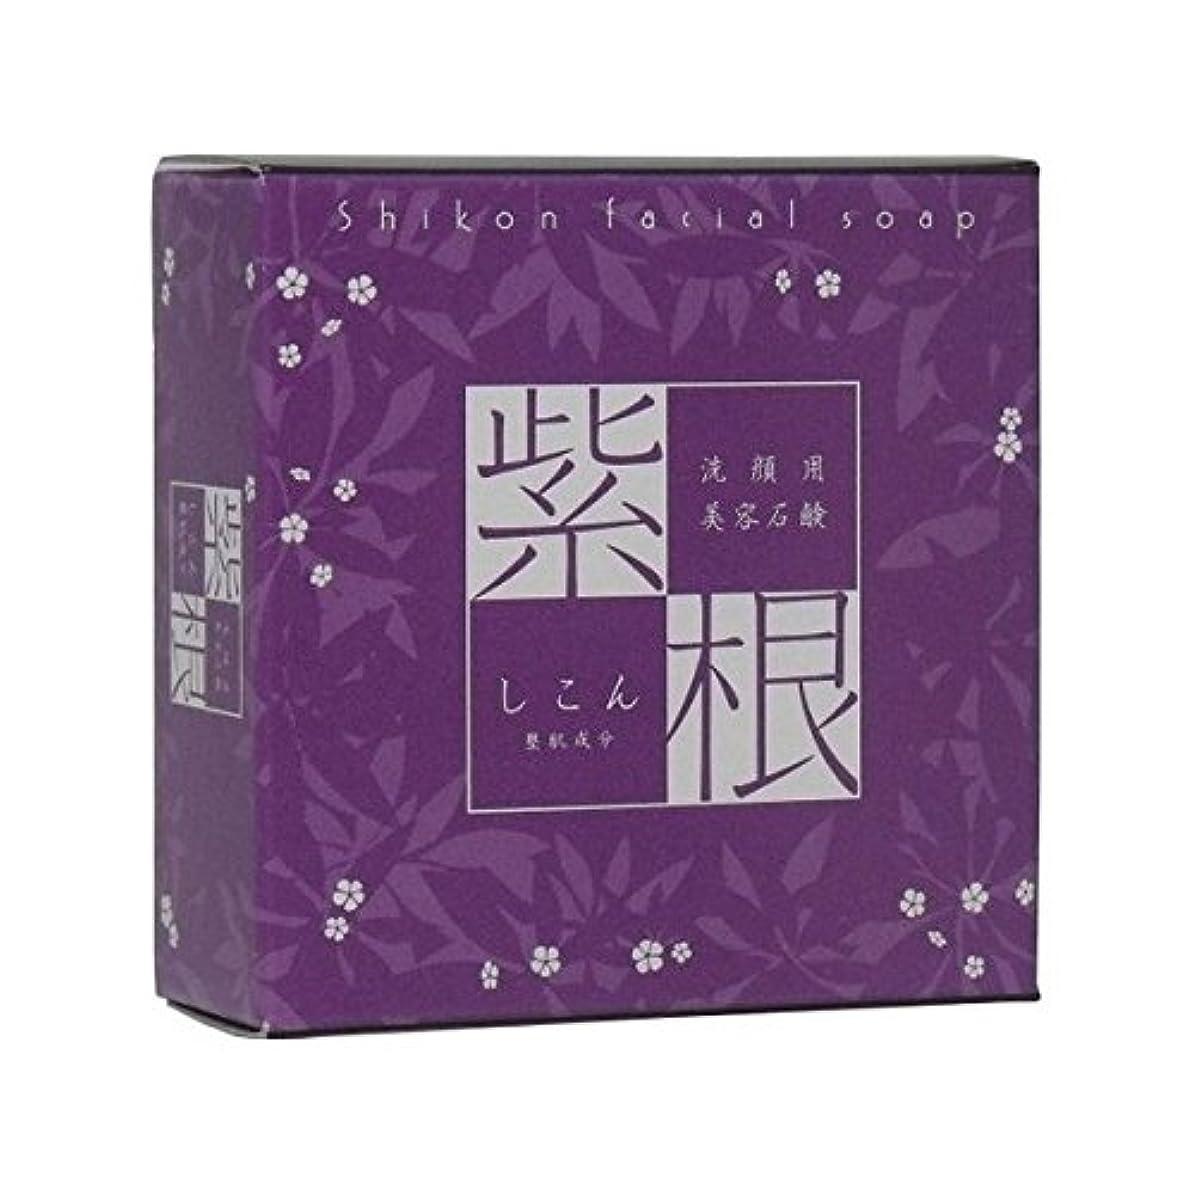 賢明な爵グレートオーク紫根石鹸110g(オリジナル泡立てネット付き)3個セット【魔女たちの22時で話題!】